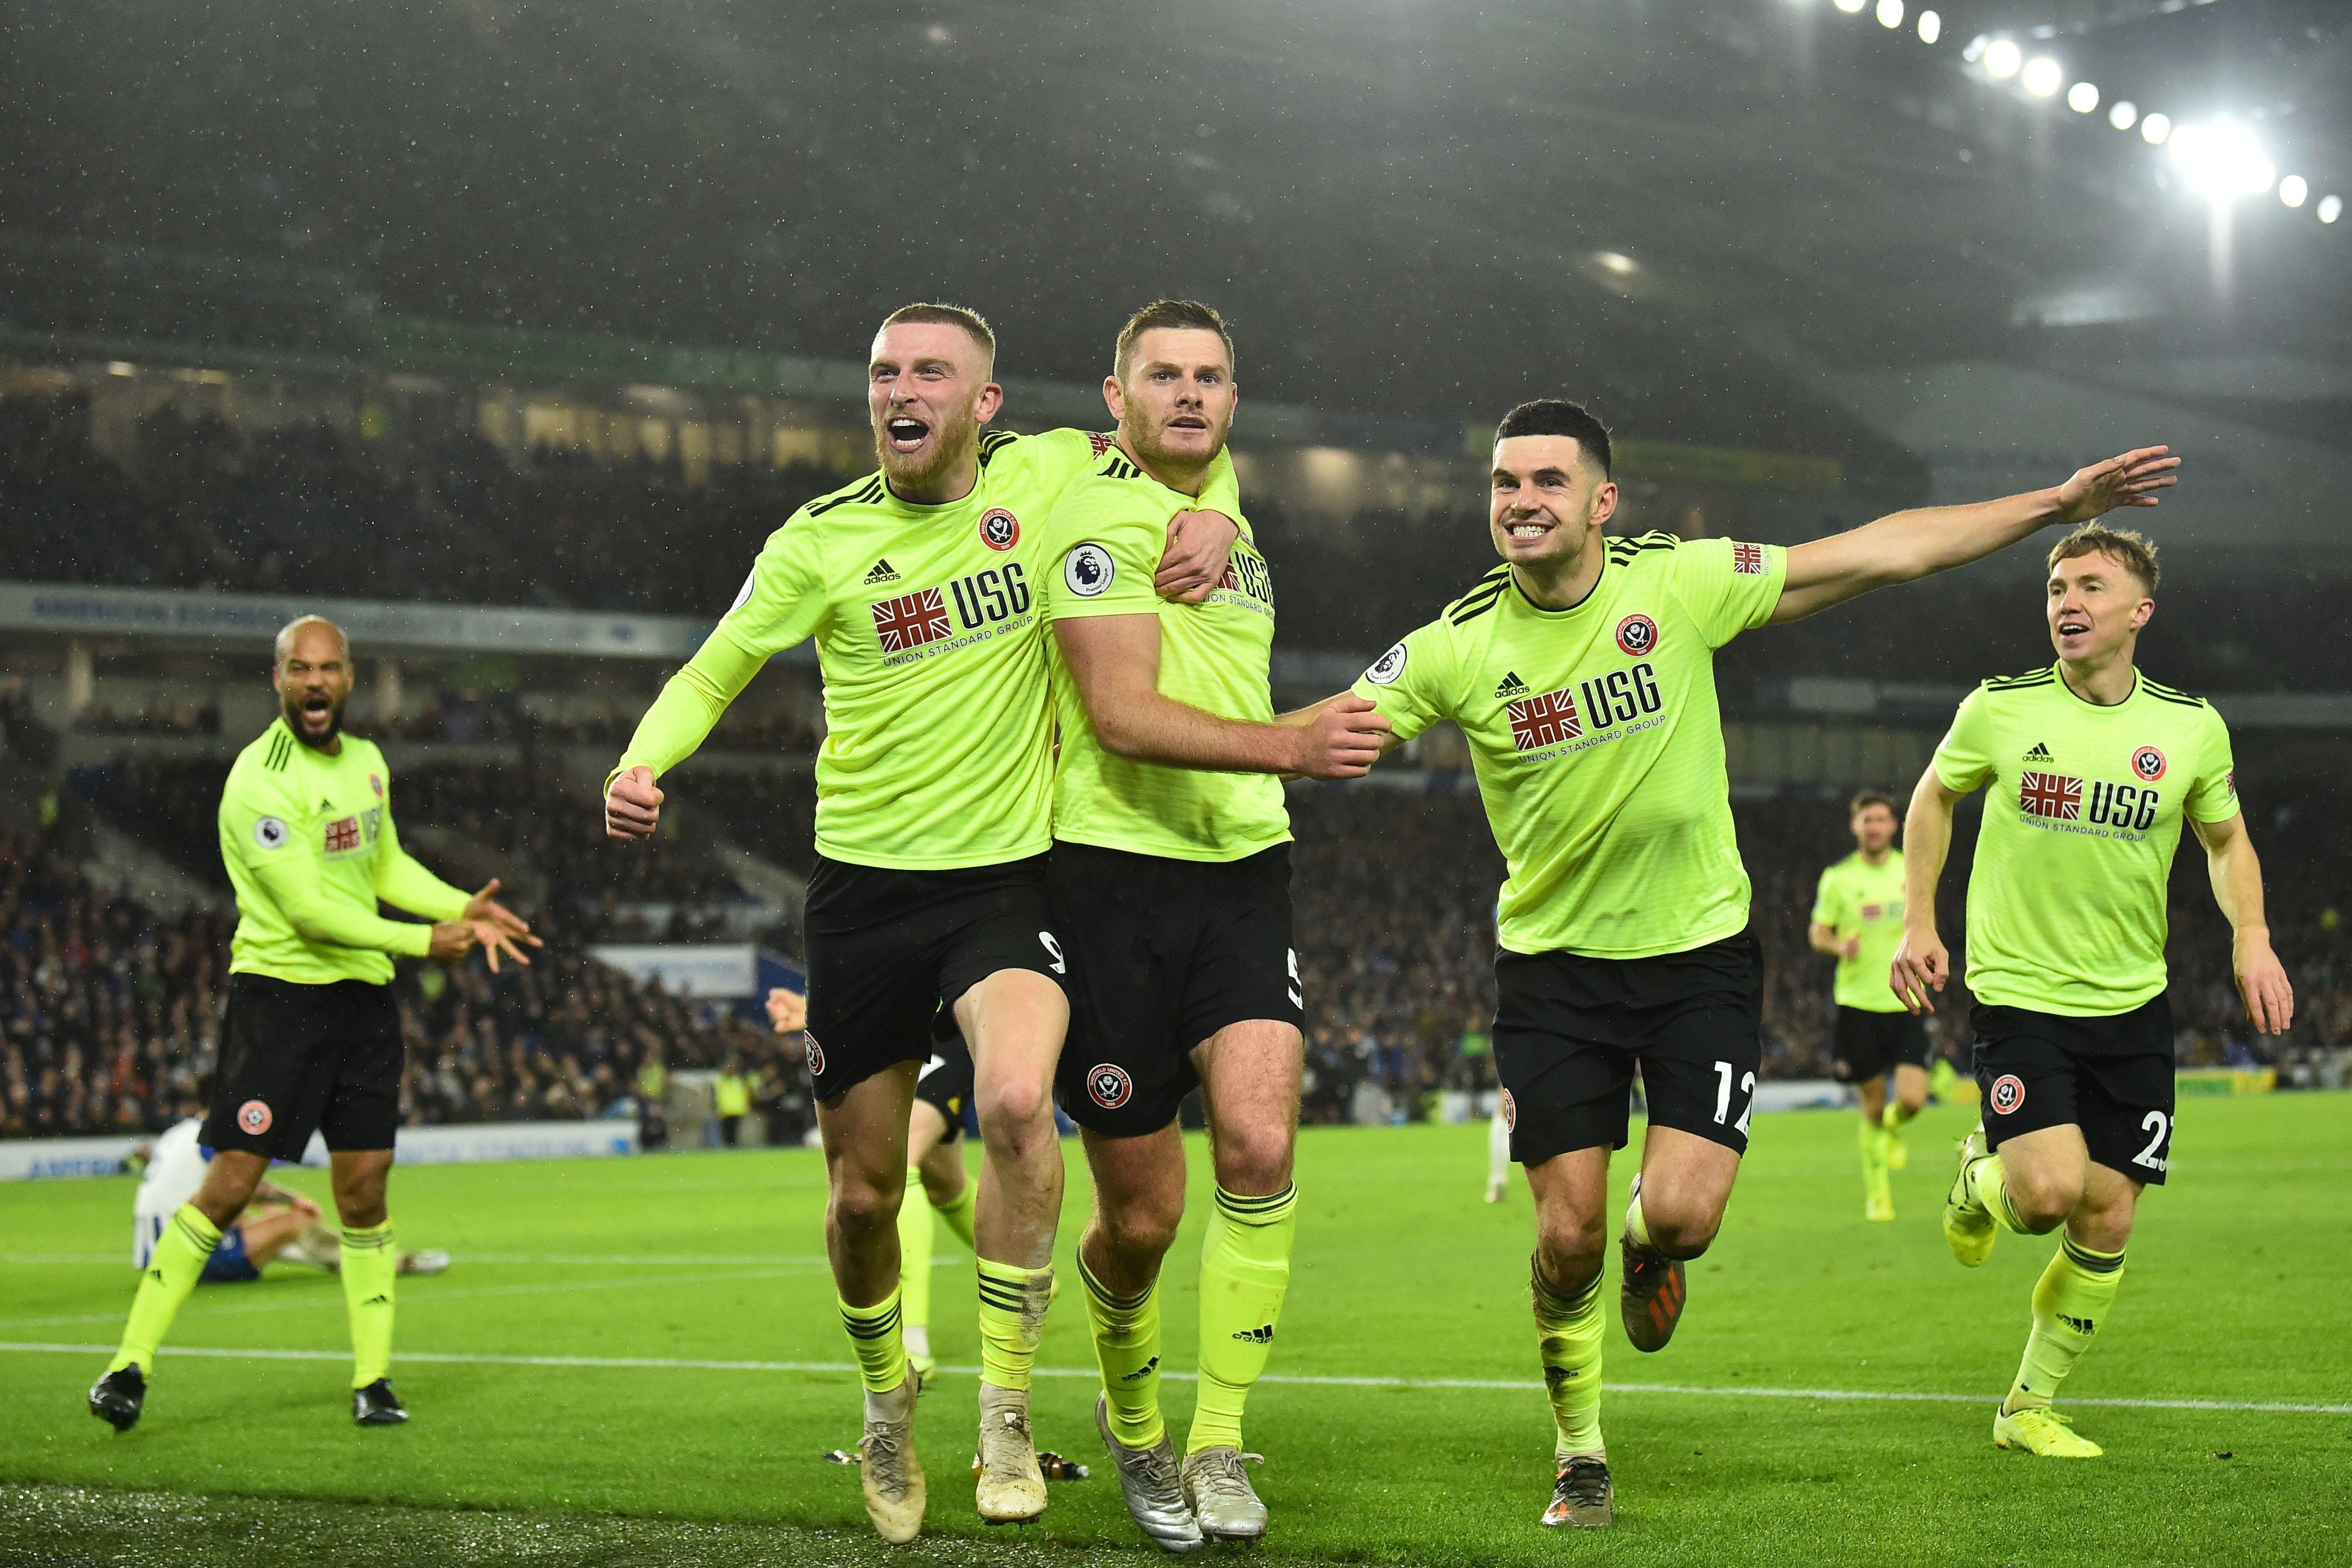 Шефилд Юнайтед постигна трета поредна победа в Премиър лийг, след